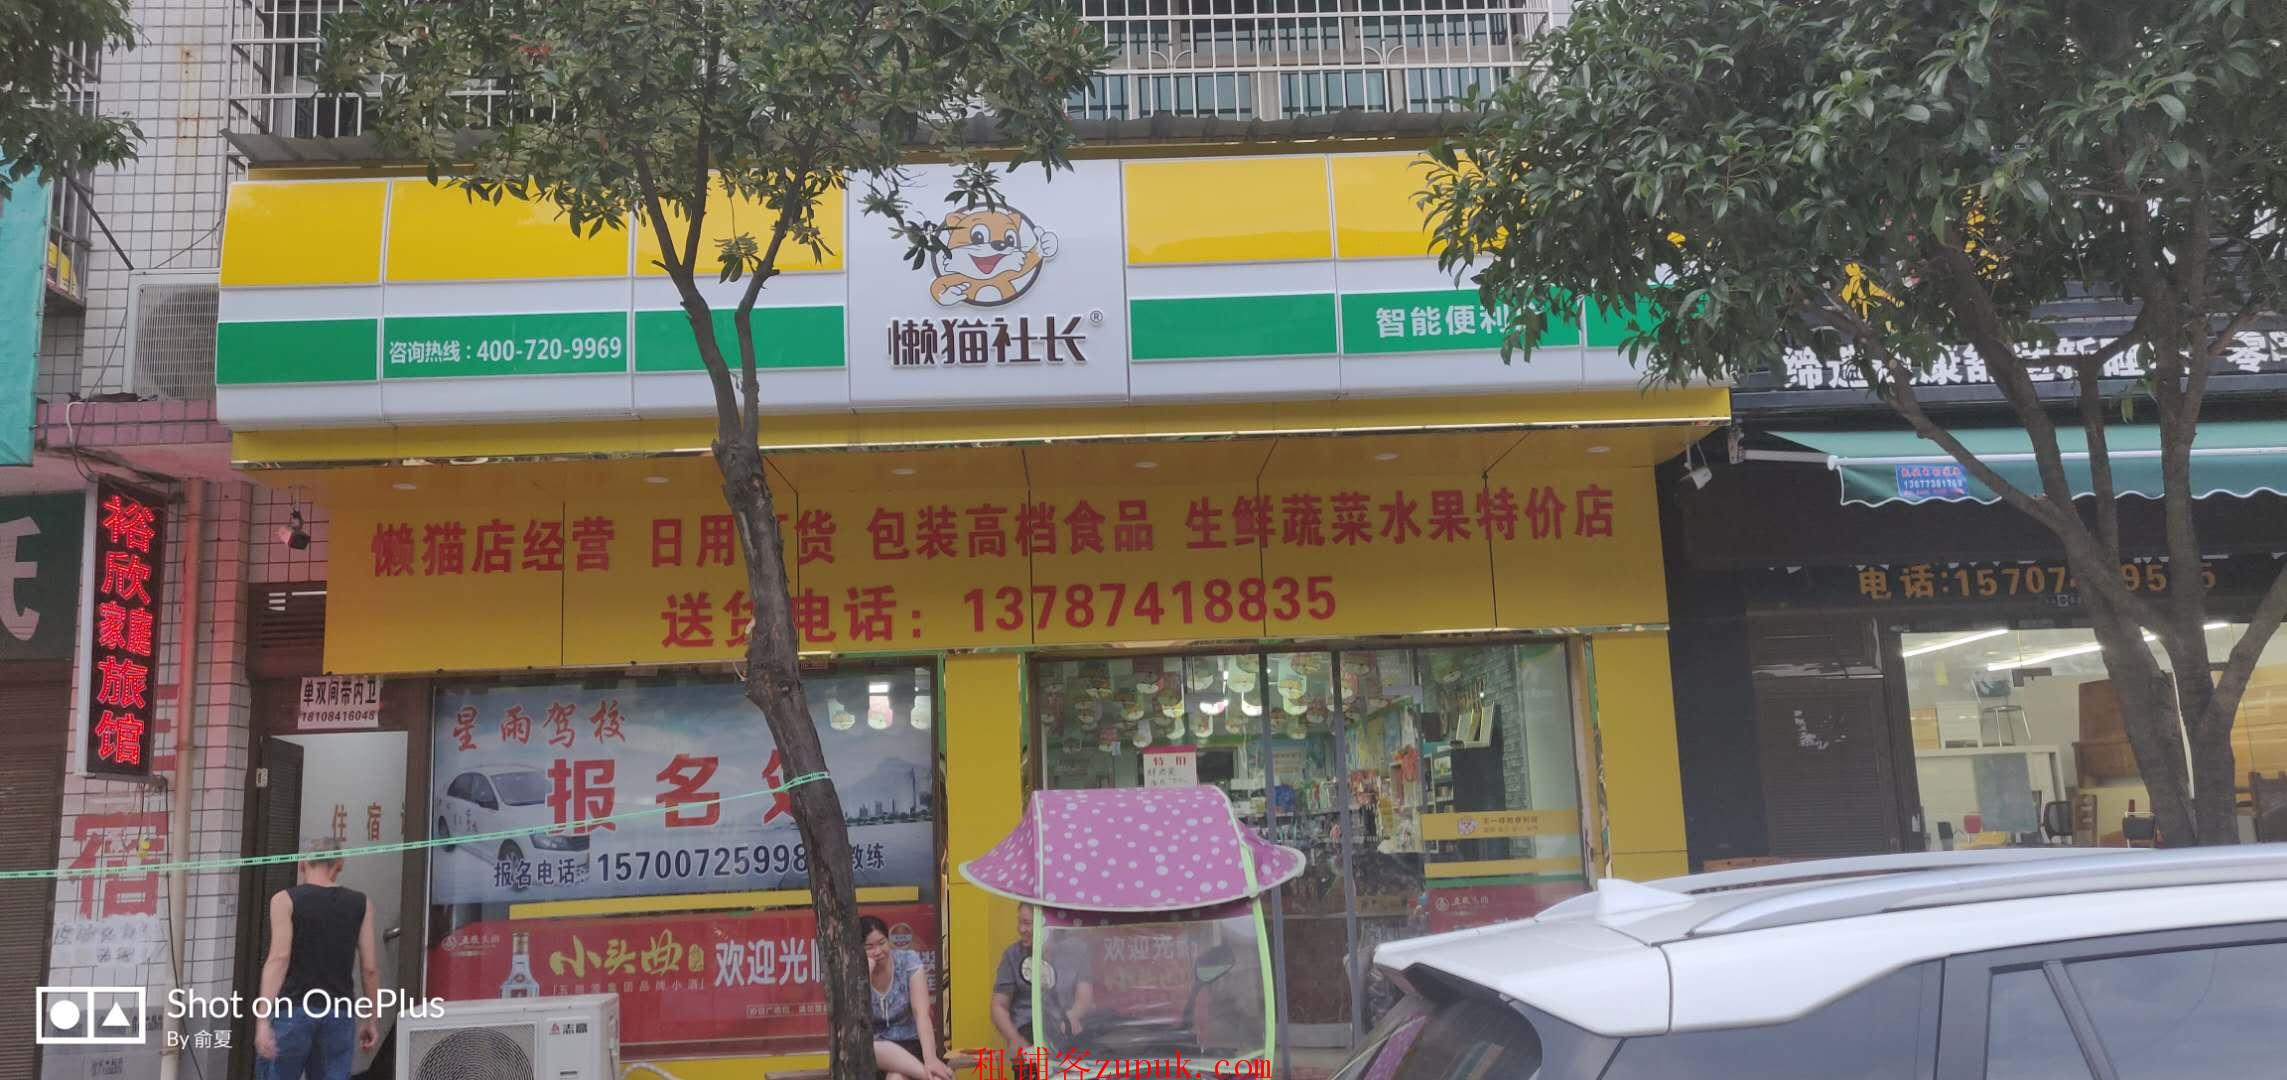 (个人)懒猫社长便利店转让!岳麓区小区临街门店转让